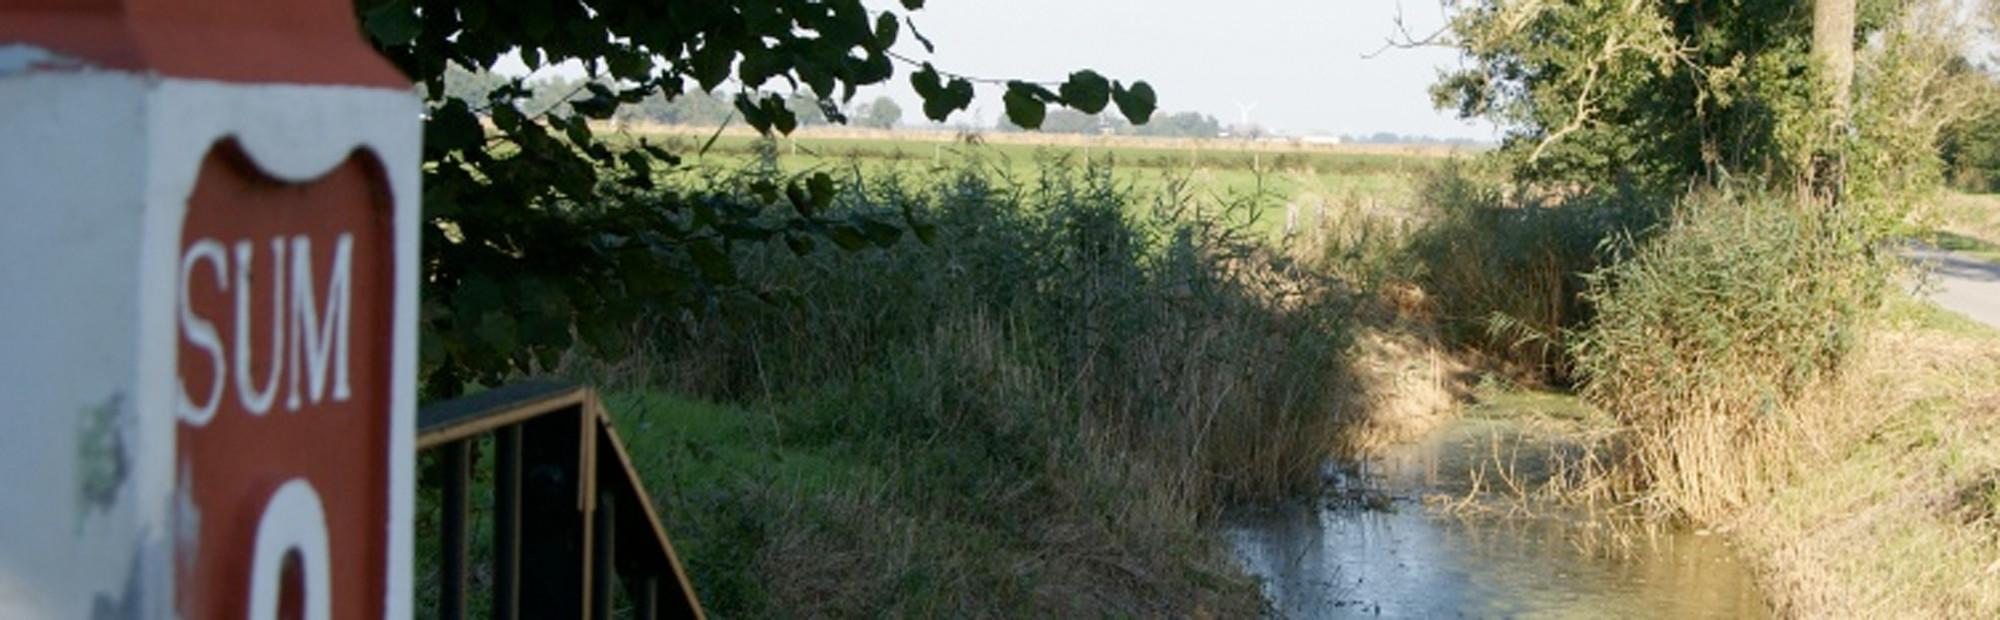 Gemeente Loppersum